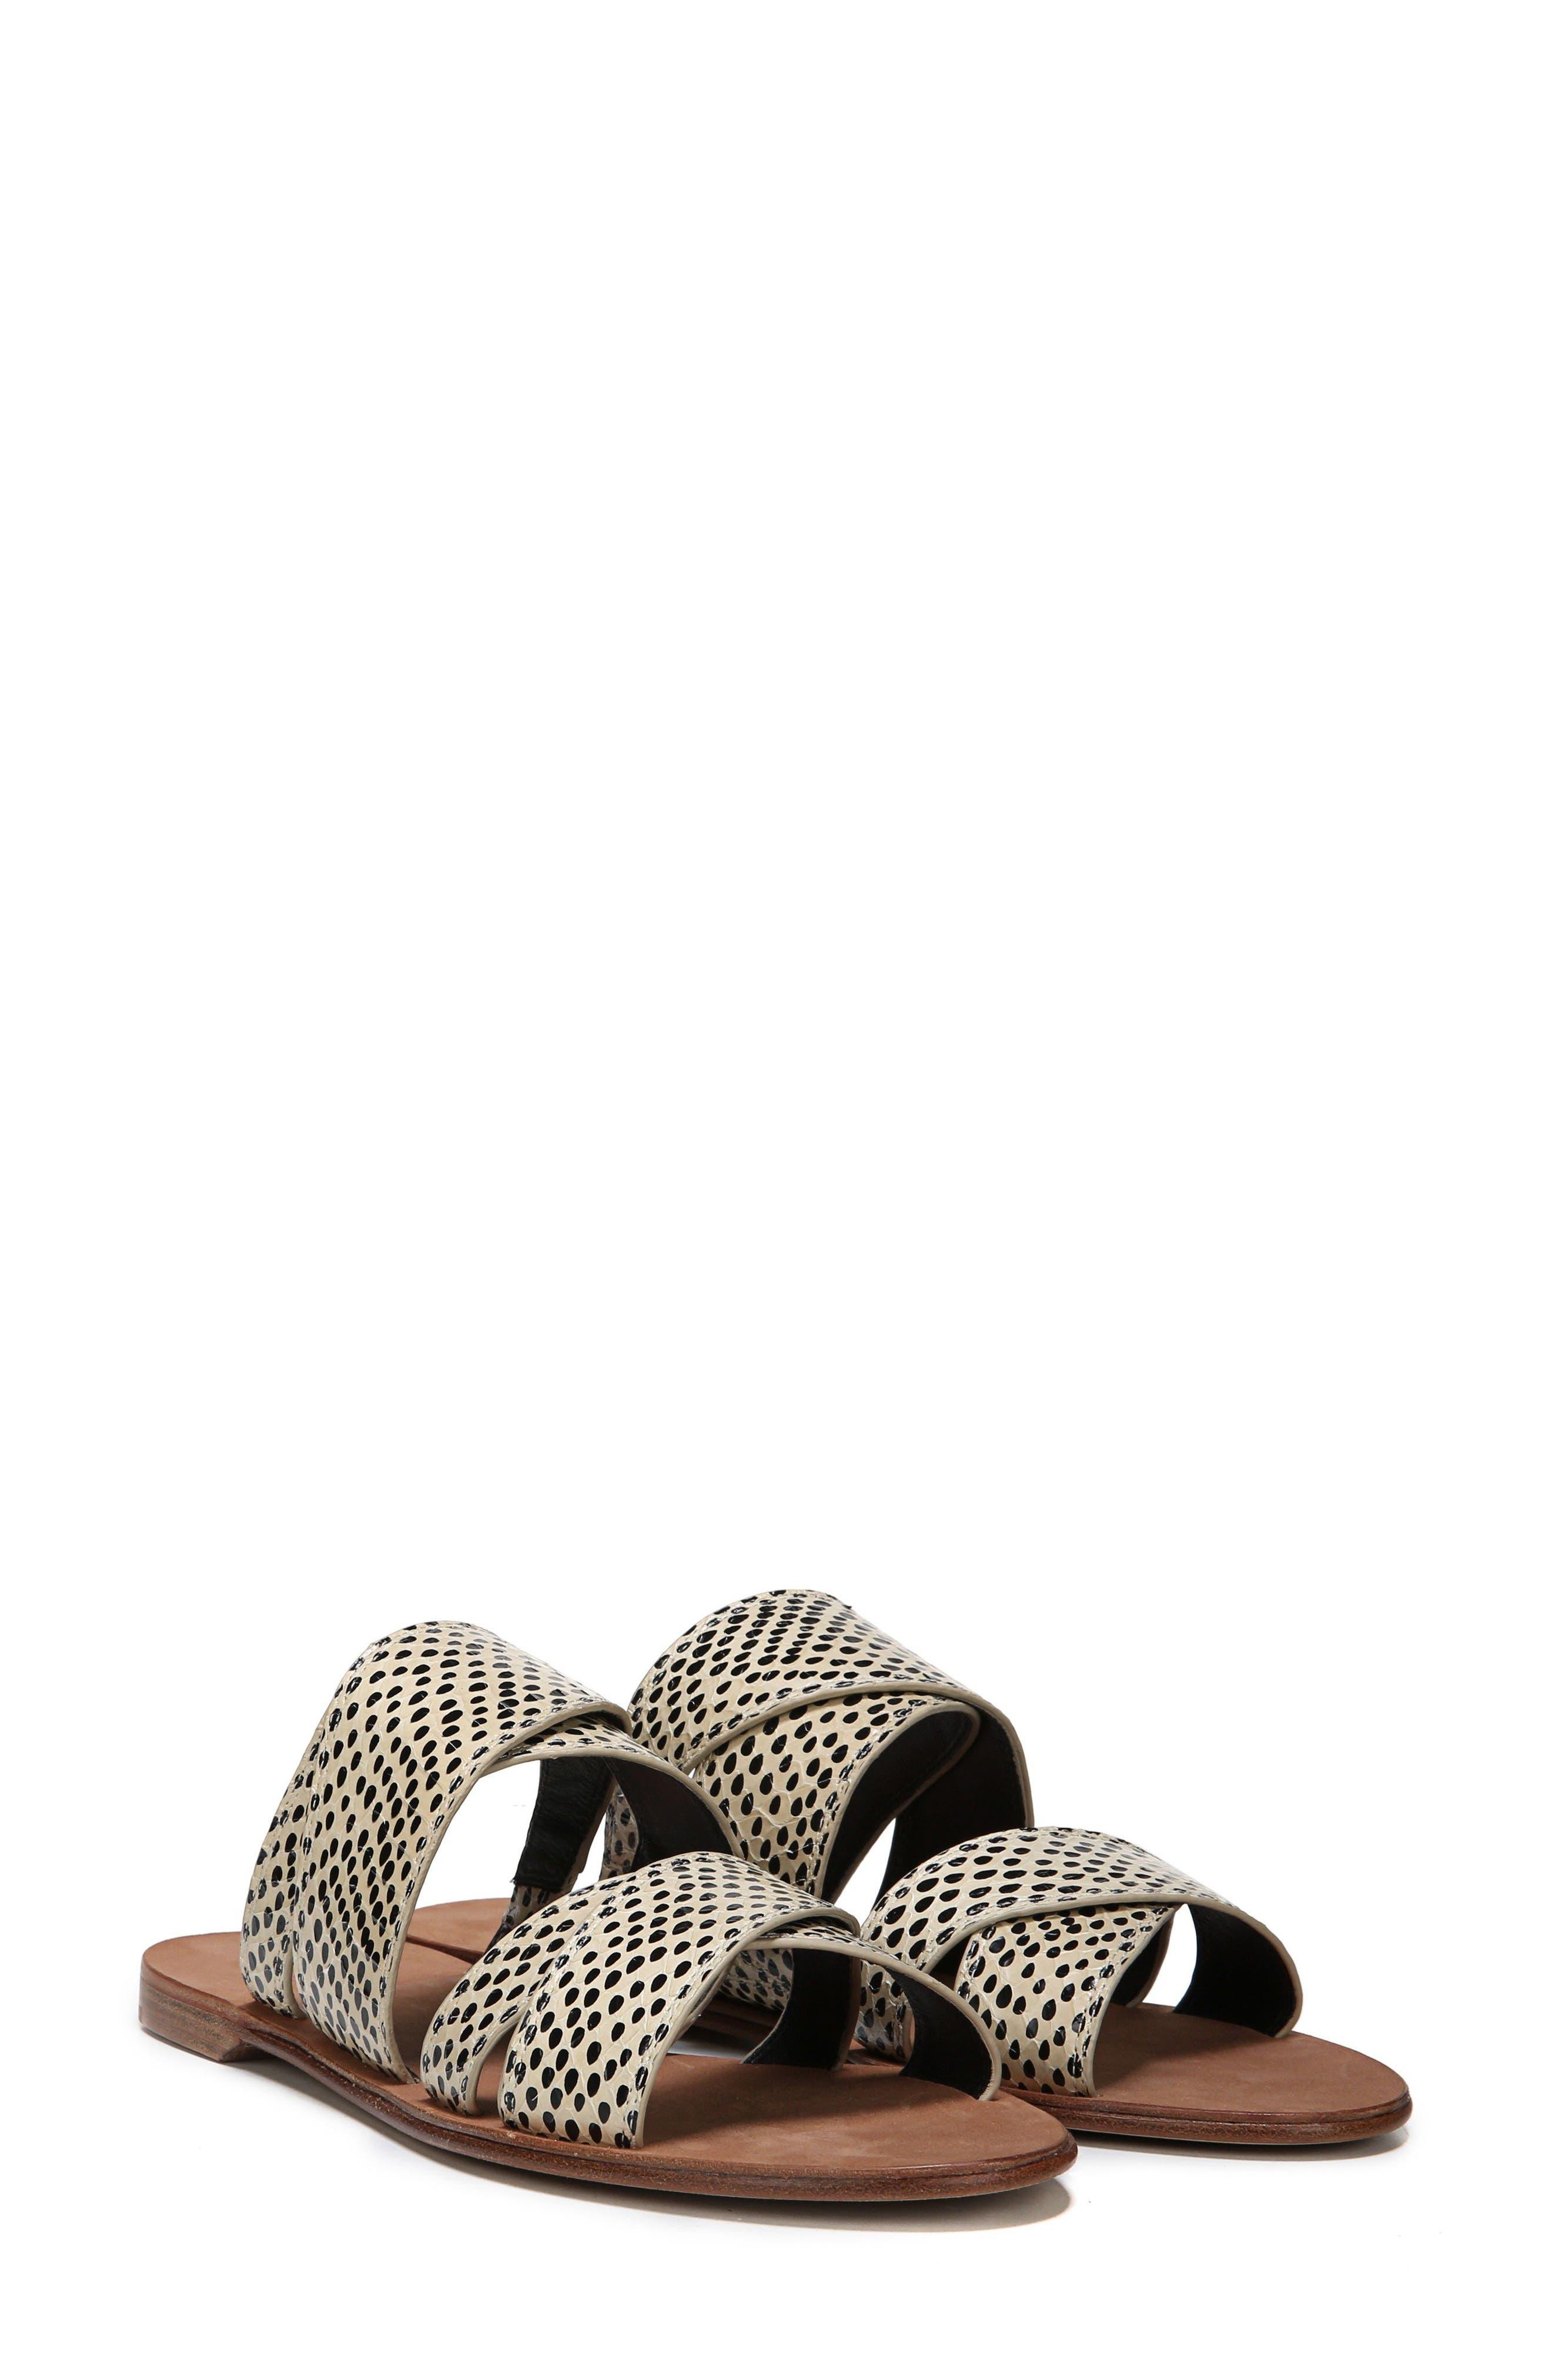 Blake Snakeskin Slide Sandal,                         Main,                         color, 250